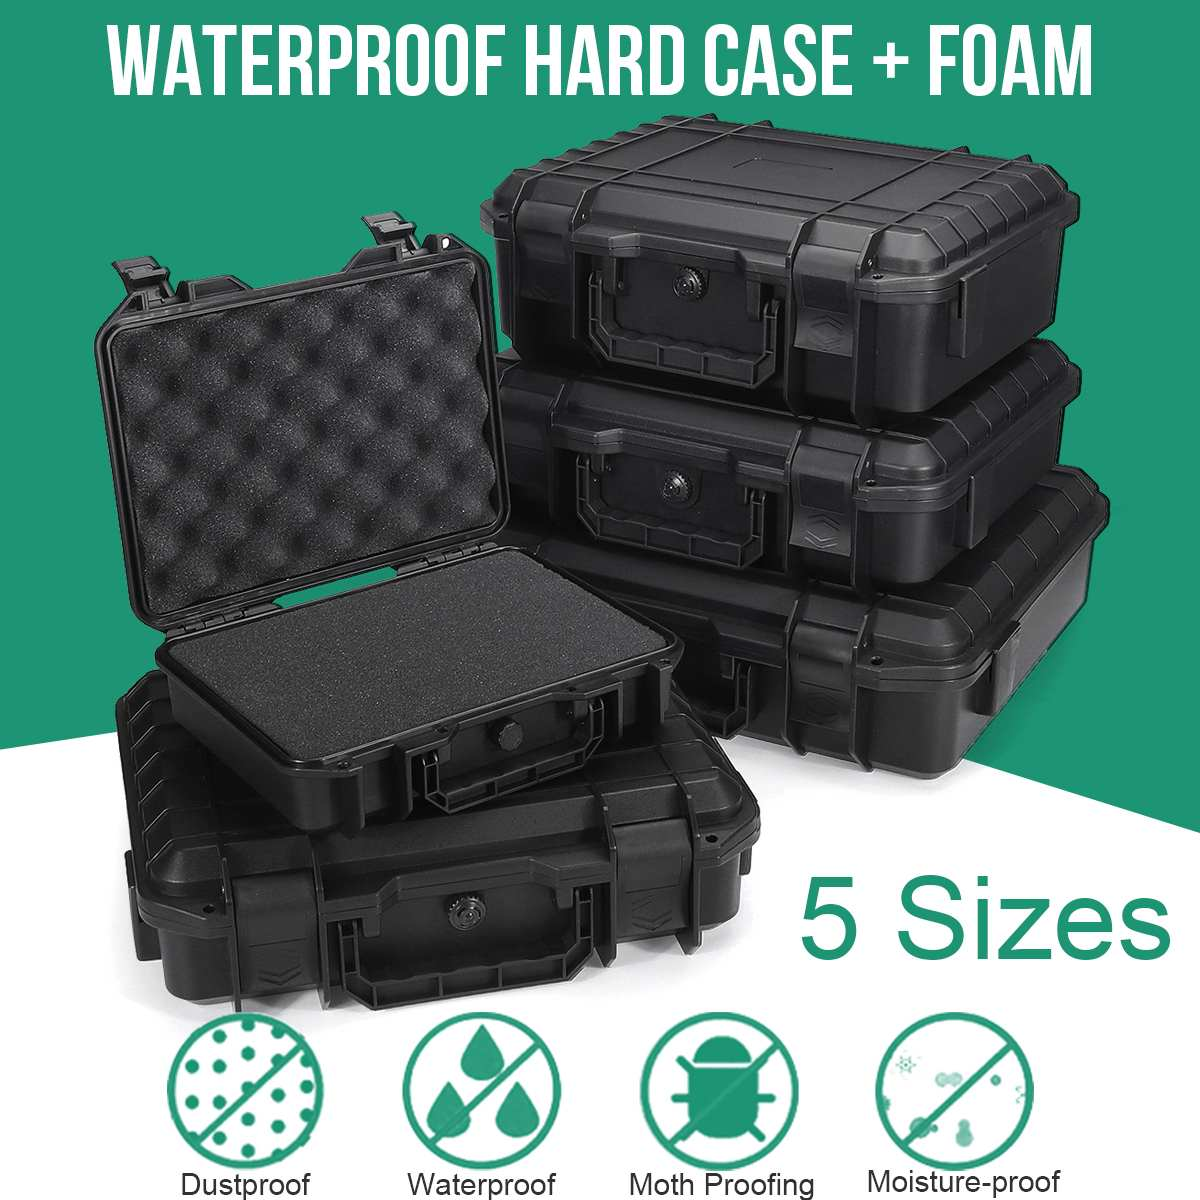 ป้องกันความปลอดภัยเครื่องมือกล่องกันน้ำกันกระแทกเก็บกล่องปิดผนึกเครื่องมือผลกระทบกรณี...